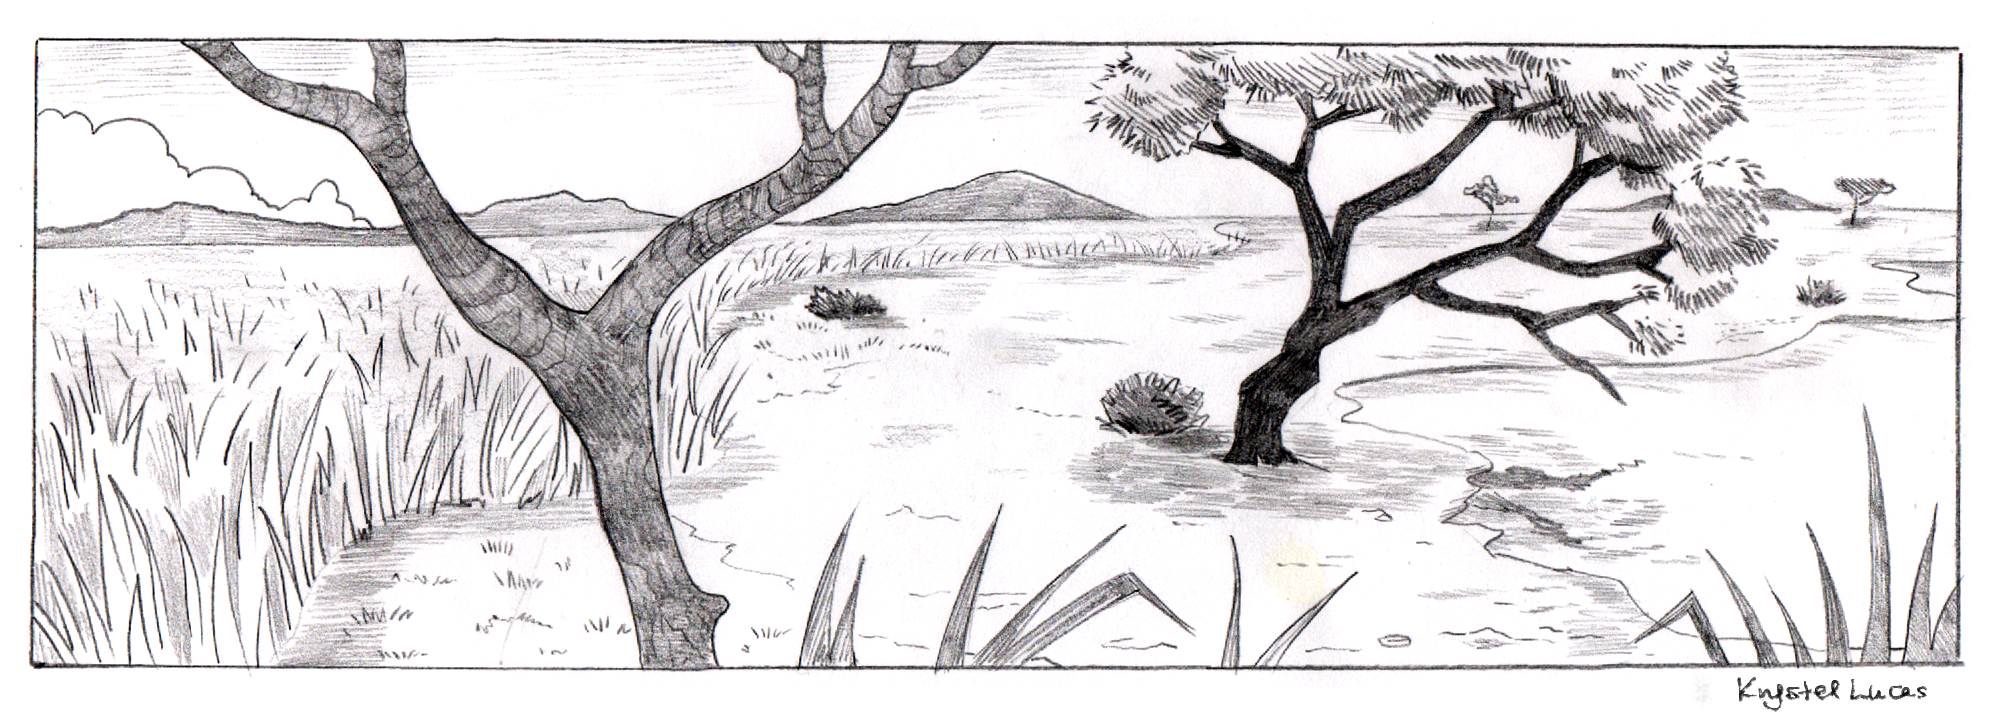 Drawn hunting african savanna Con drawing savannah illustration drawing